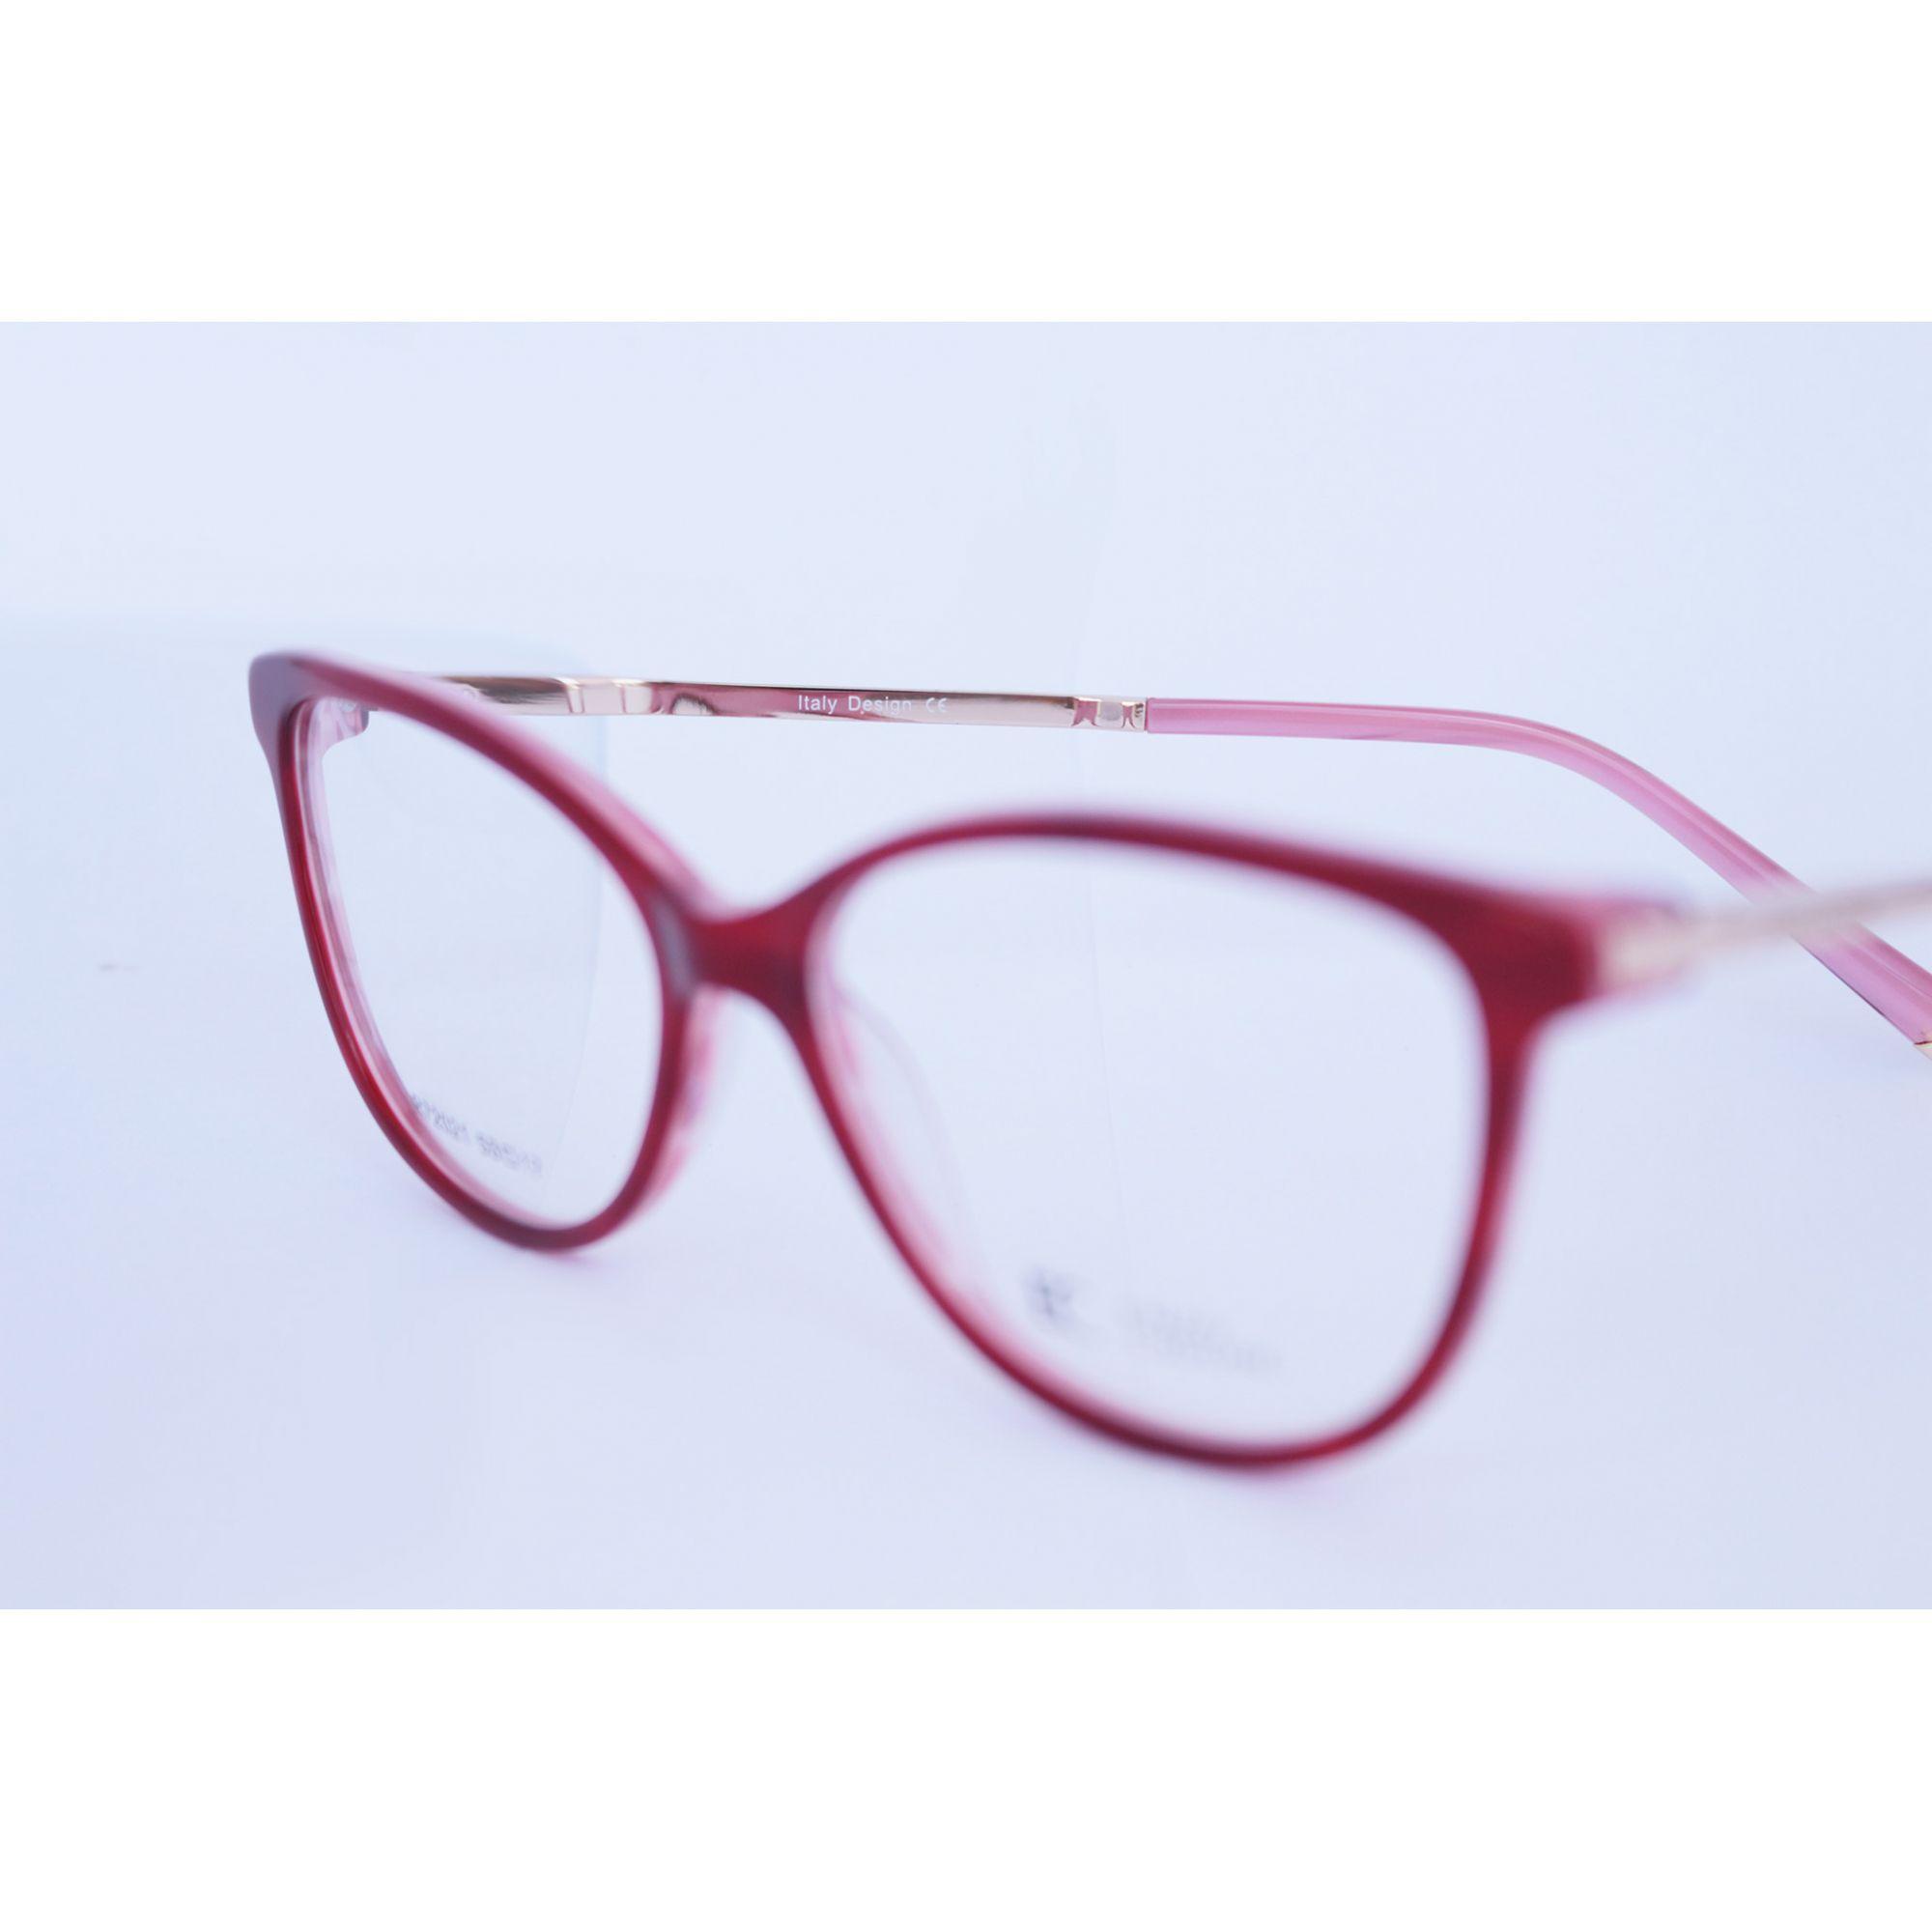 Óculos Enzo by Italy | Enzo Cadore